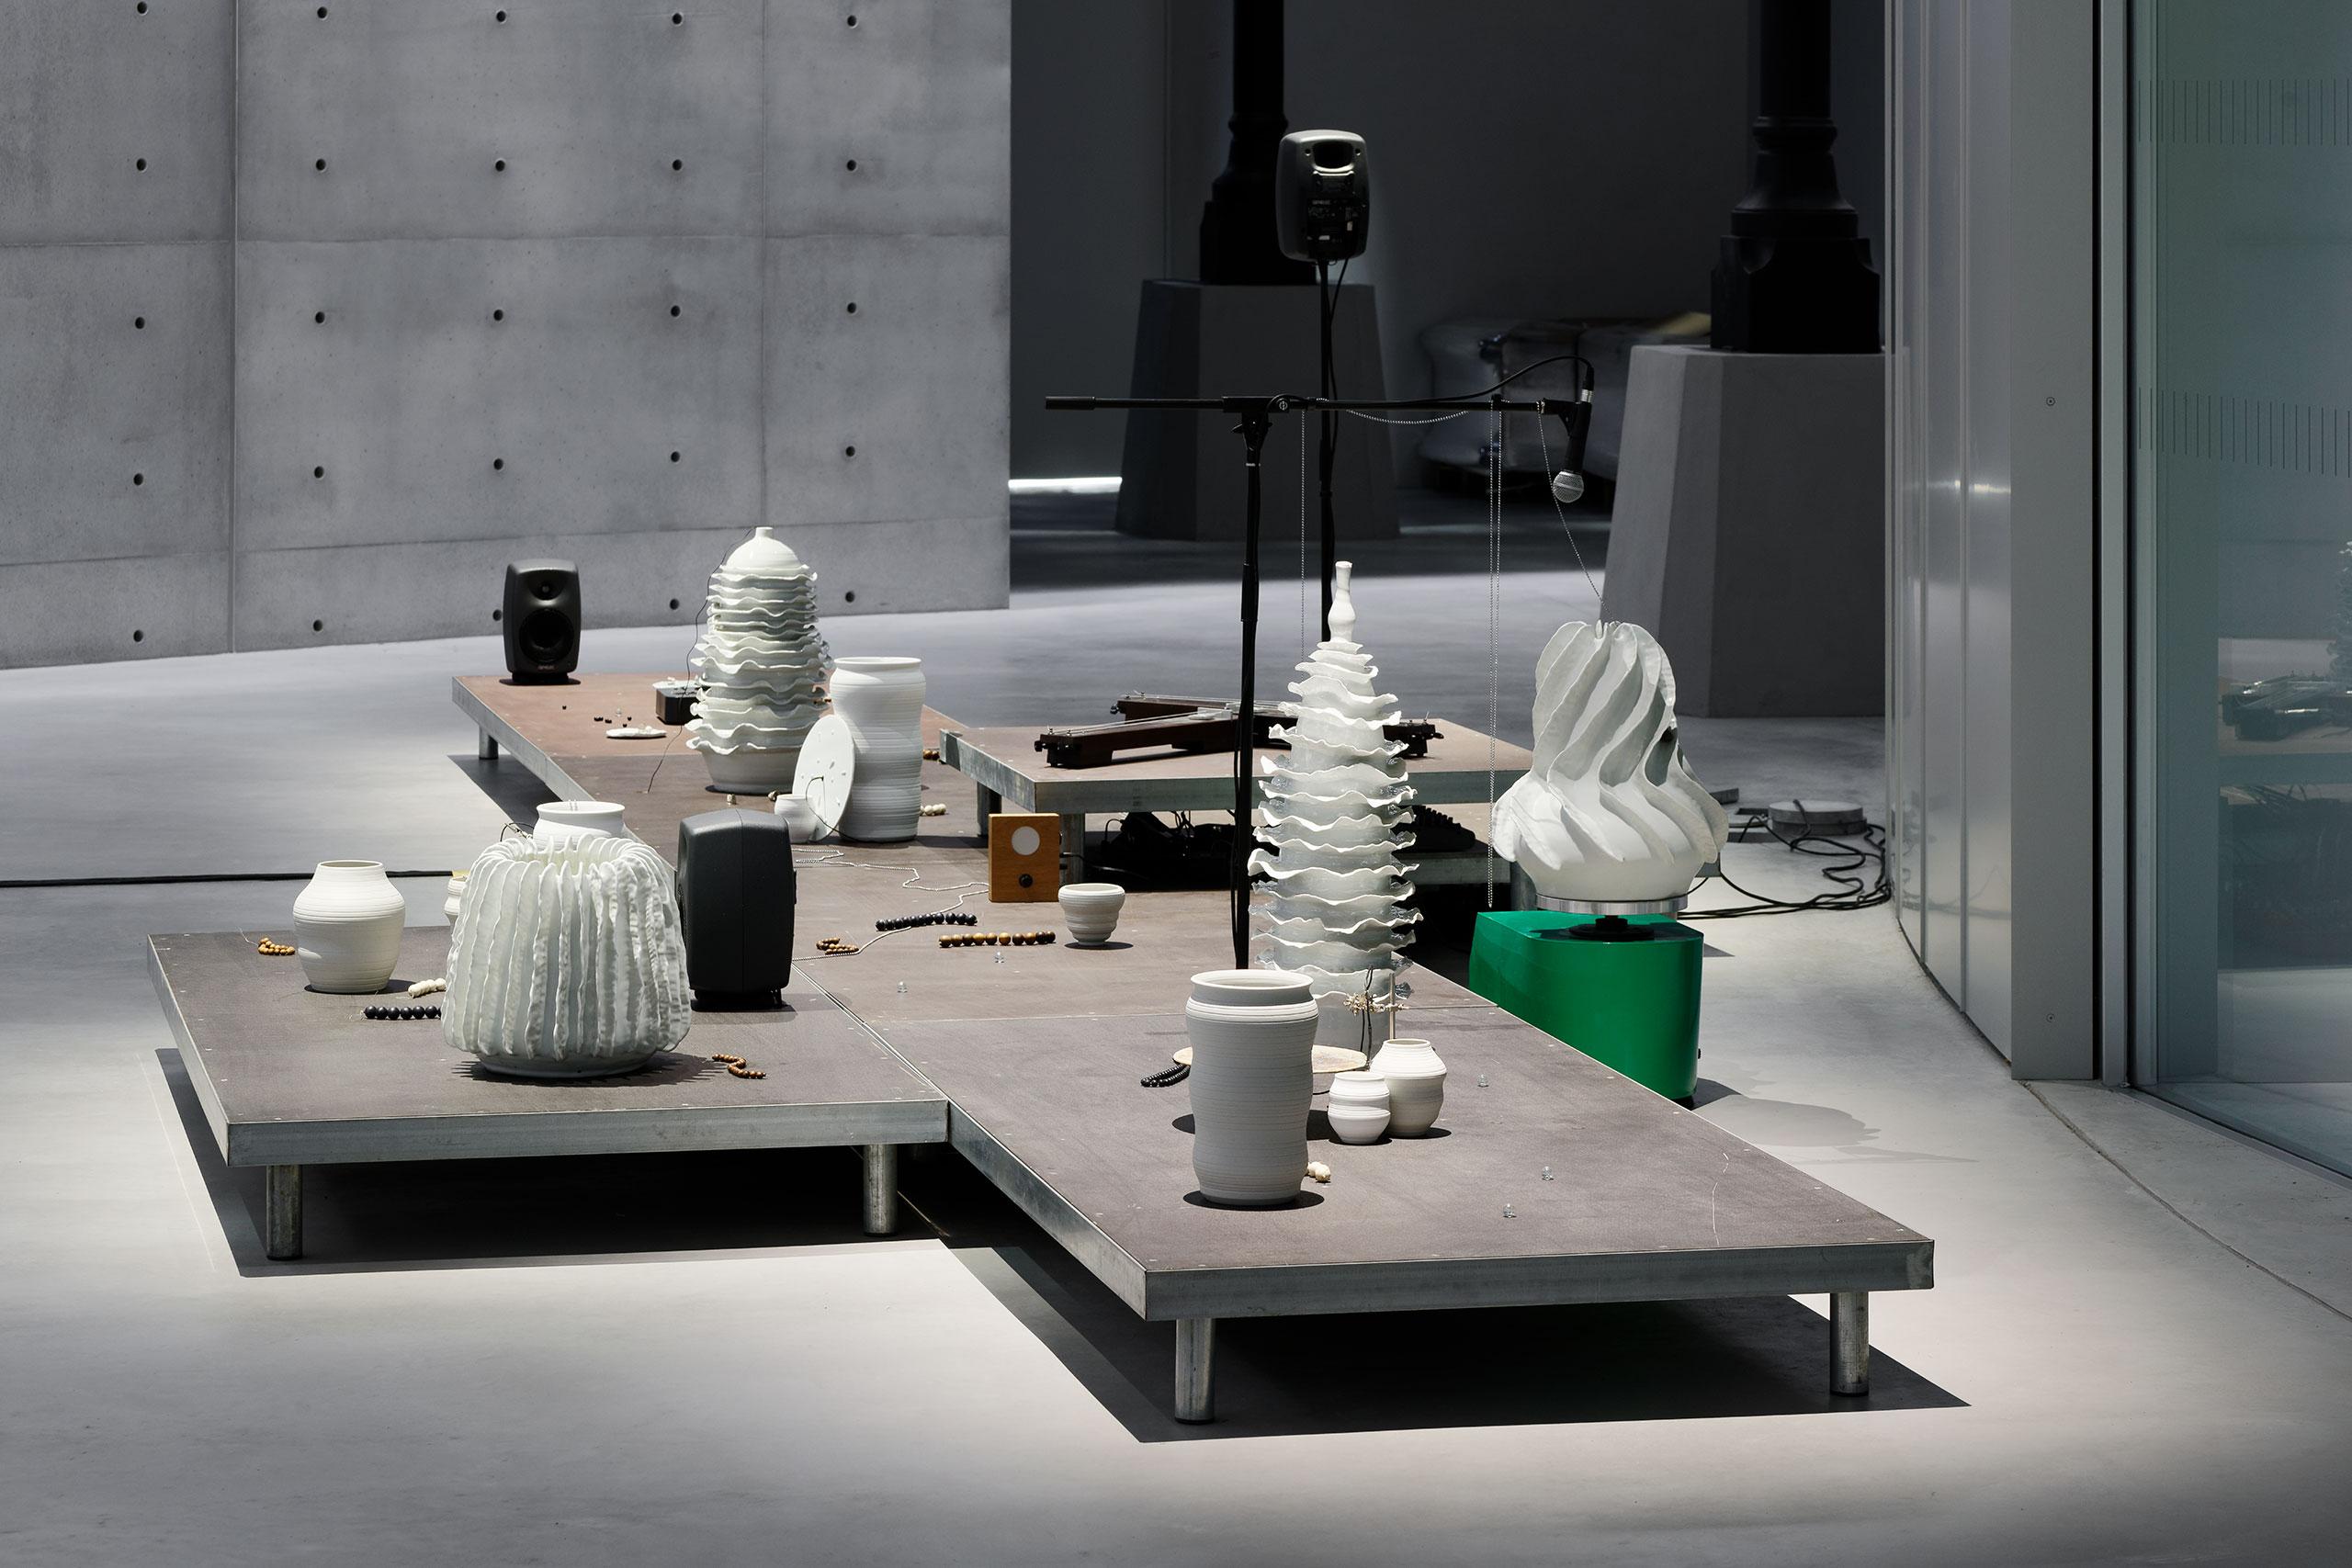 Tarek Atoui, The Ground, 2019 (détail). © Tarek Atoui. Exhibition views of Ouverture, Bourse de Commerce — Pinault Collection, Paris, 2021. Photo Aurélien Mole